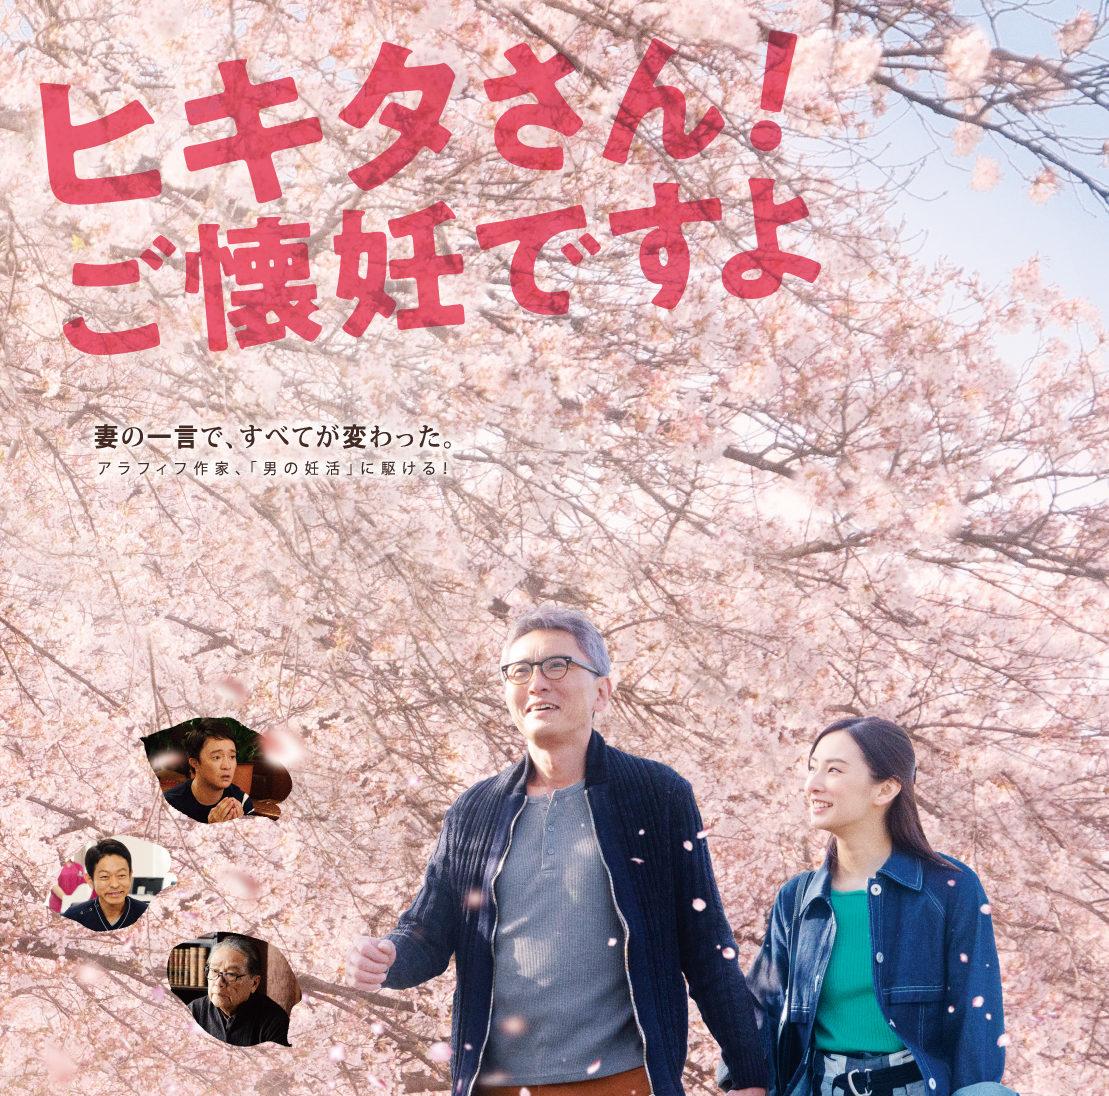 映画『ヒキタさん!ご懐妊ですよ』